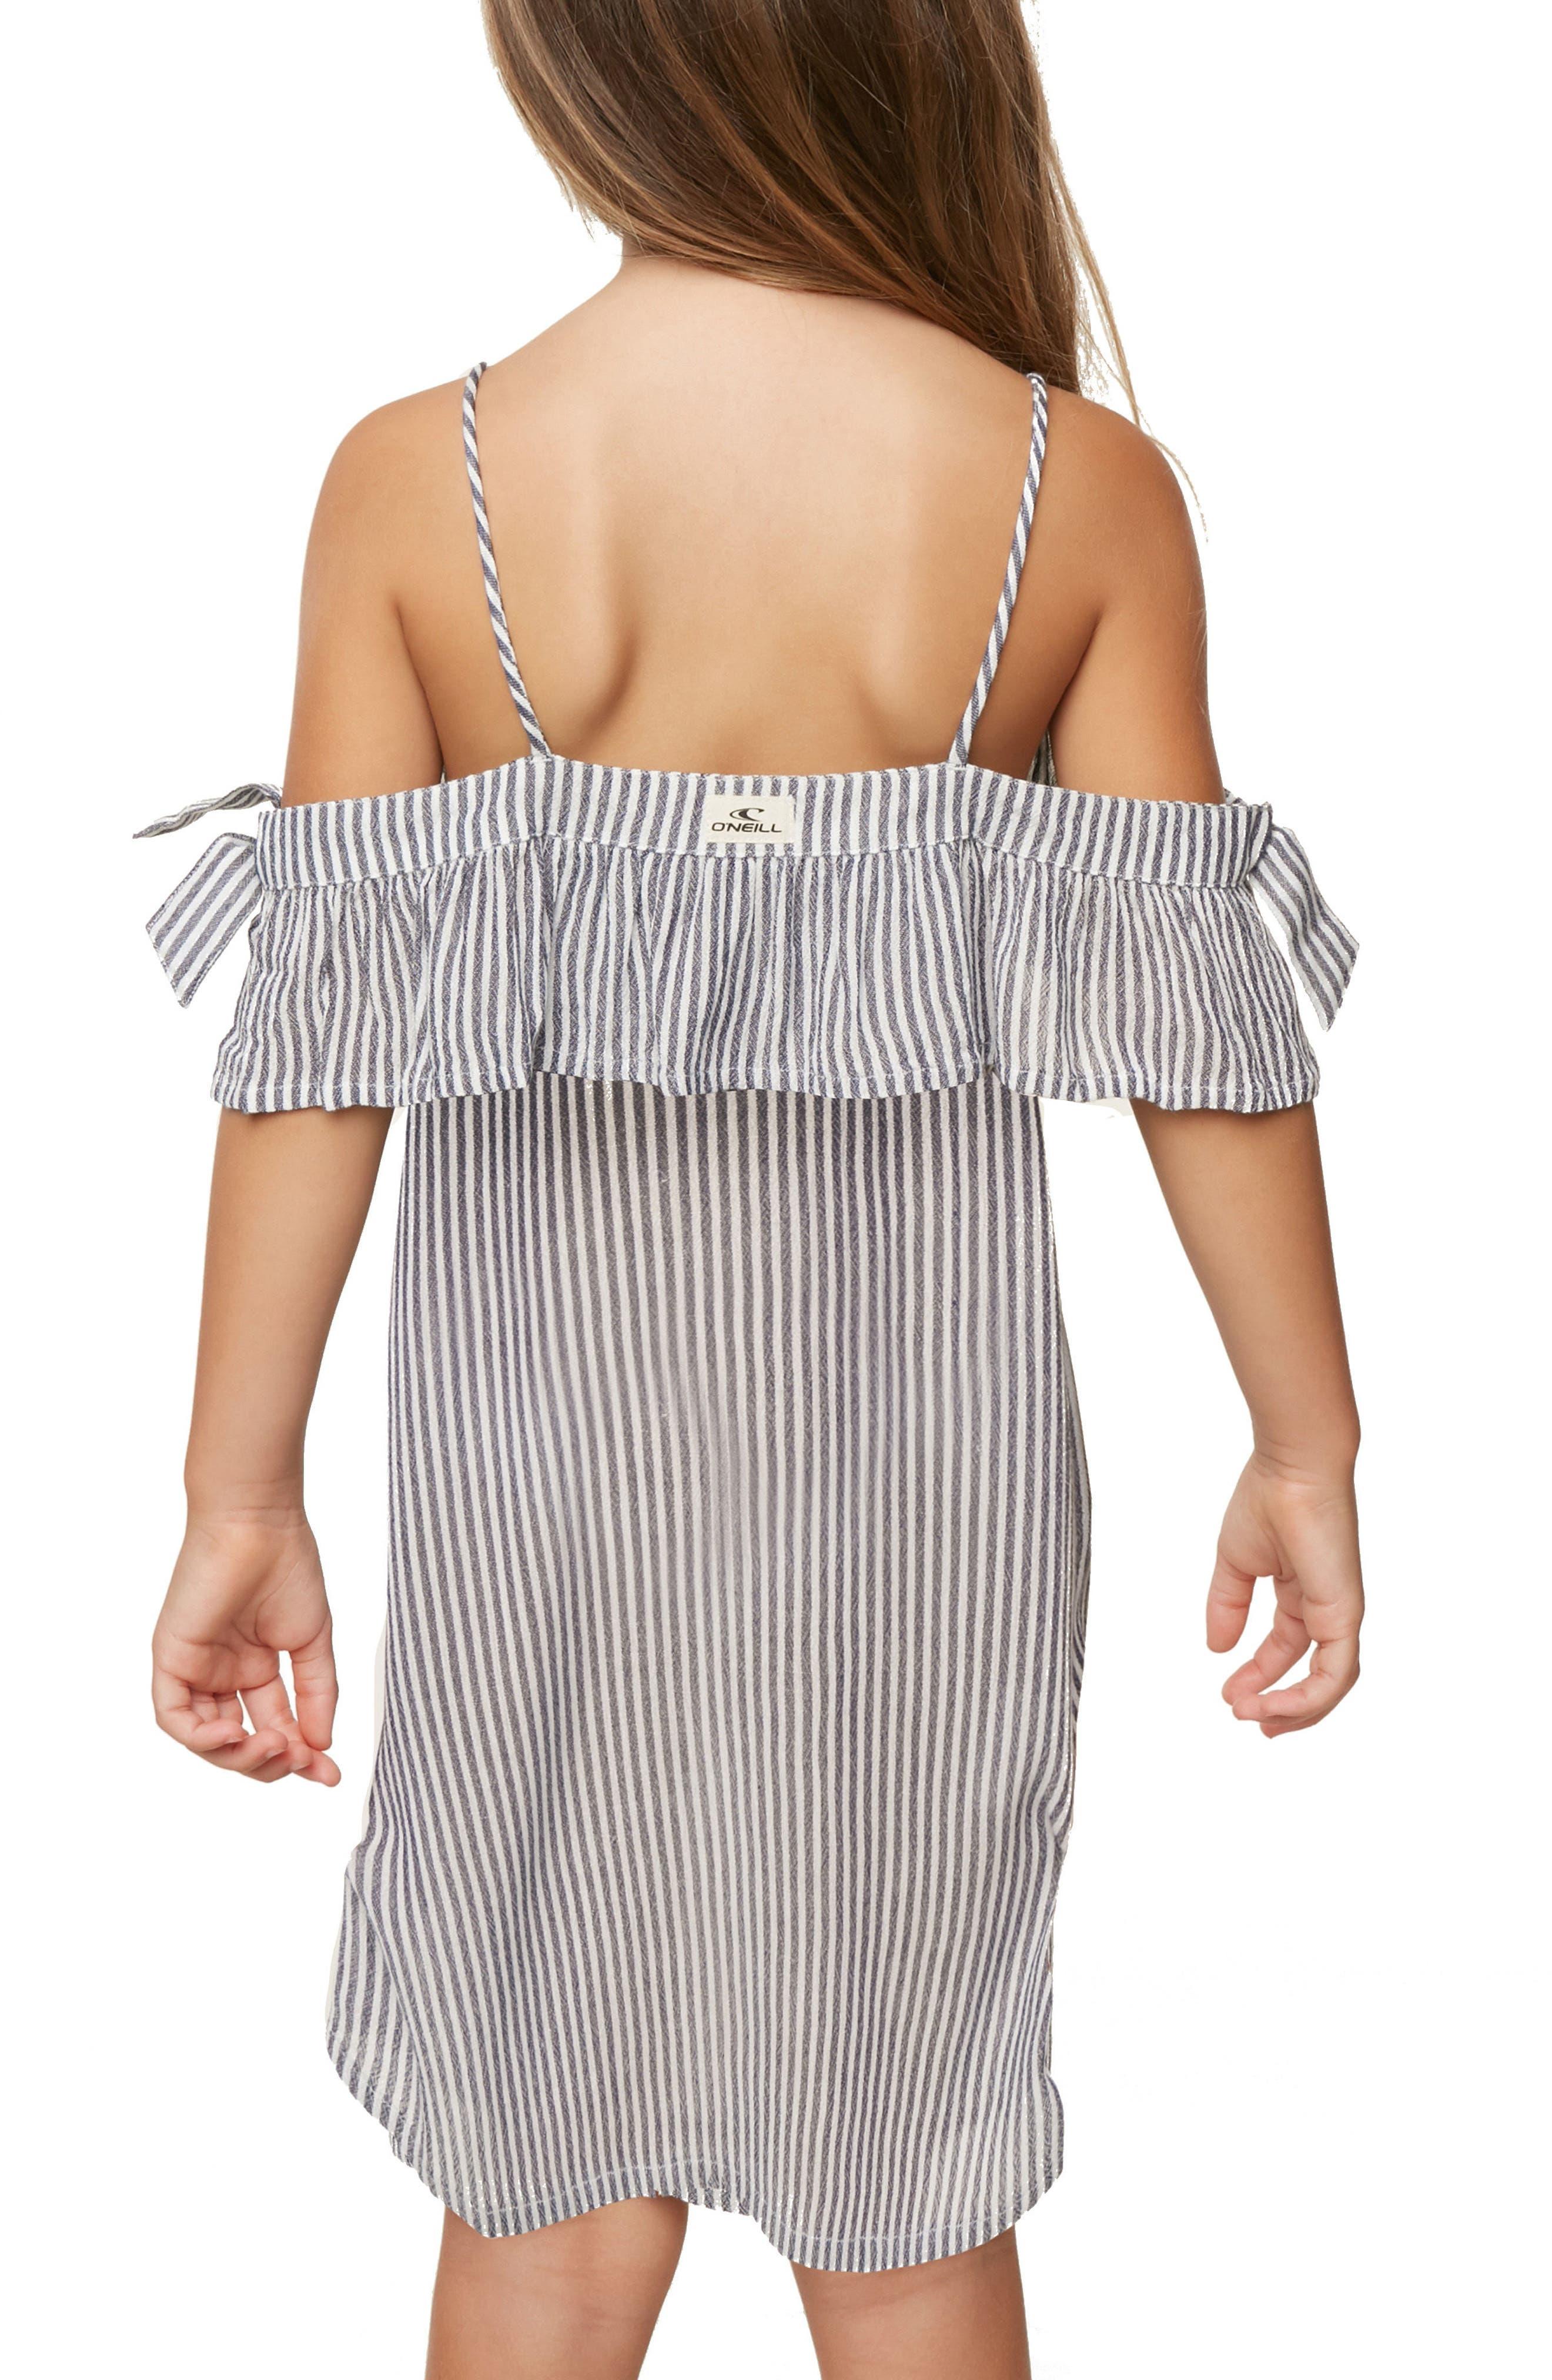 Myla Stripe Cold Shoulder Cover-Up Dress,                             Alternate thumbnail 6, color,                             WASHED INDIGO